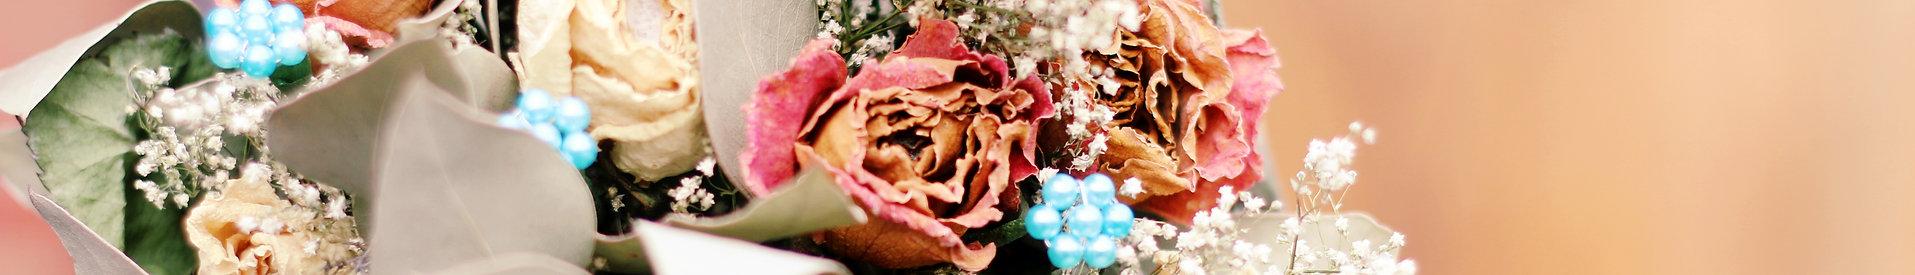 Wedding Flowers in Surrey